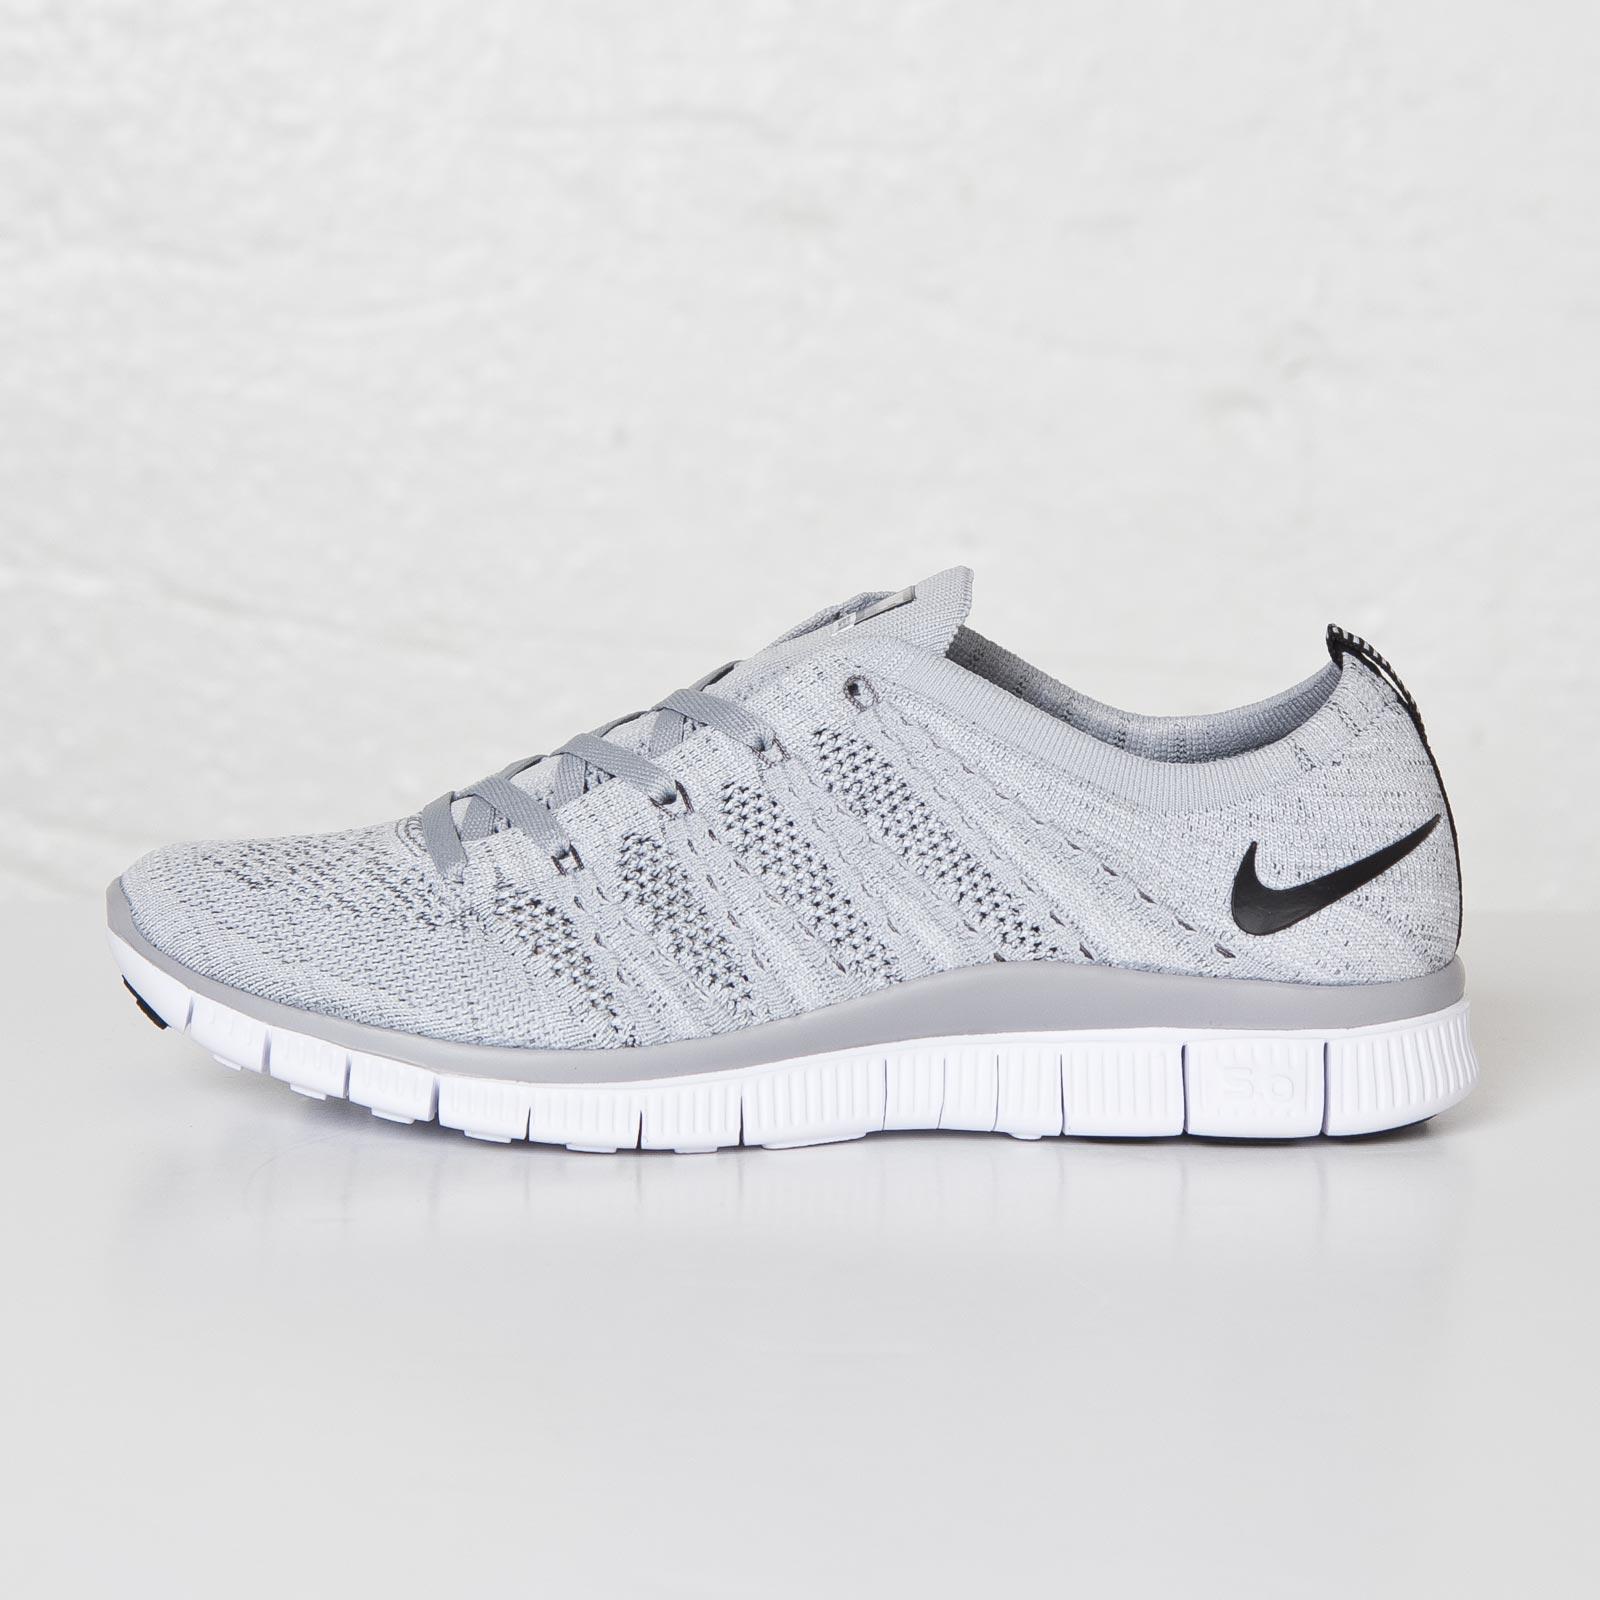 5f34608c5a41 Nike Free Flyknit NSW - 599459-002 - Sneakersnstuff